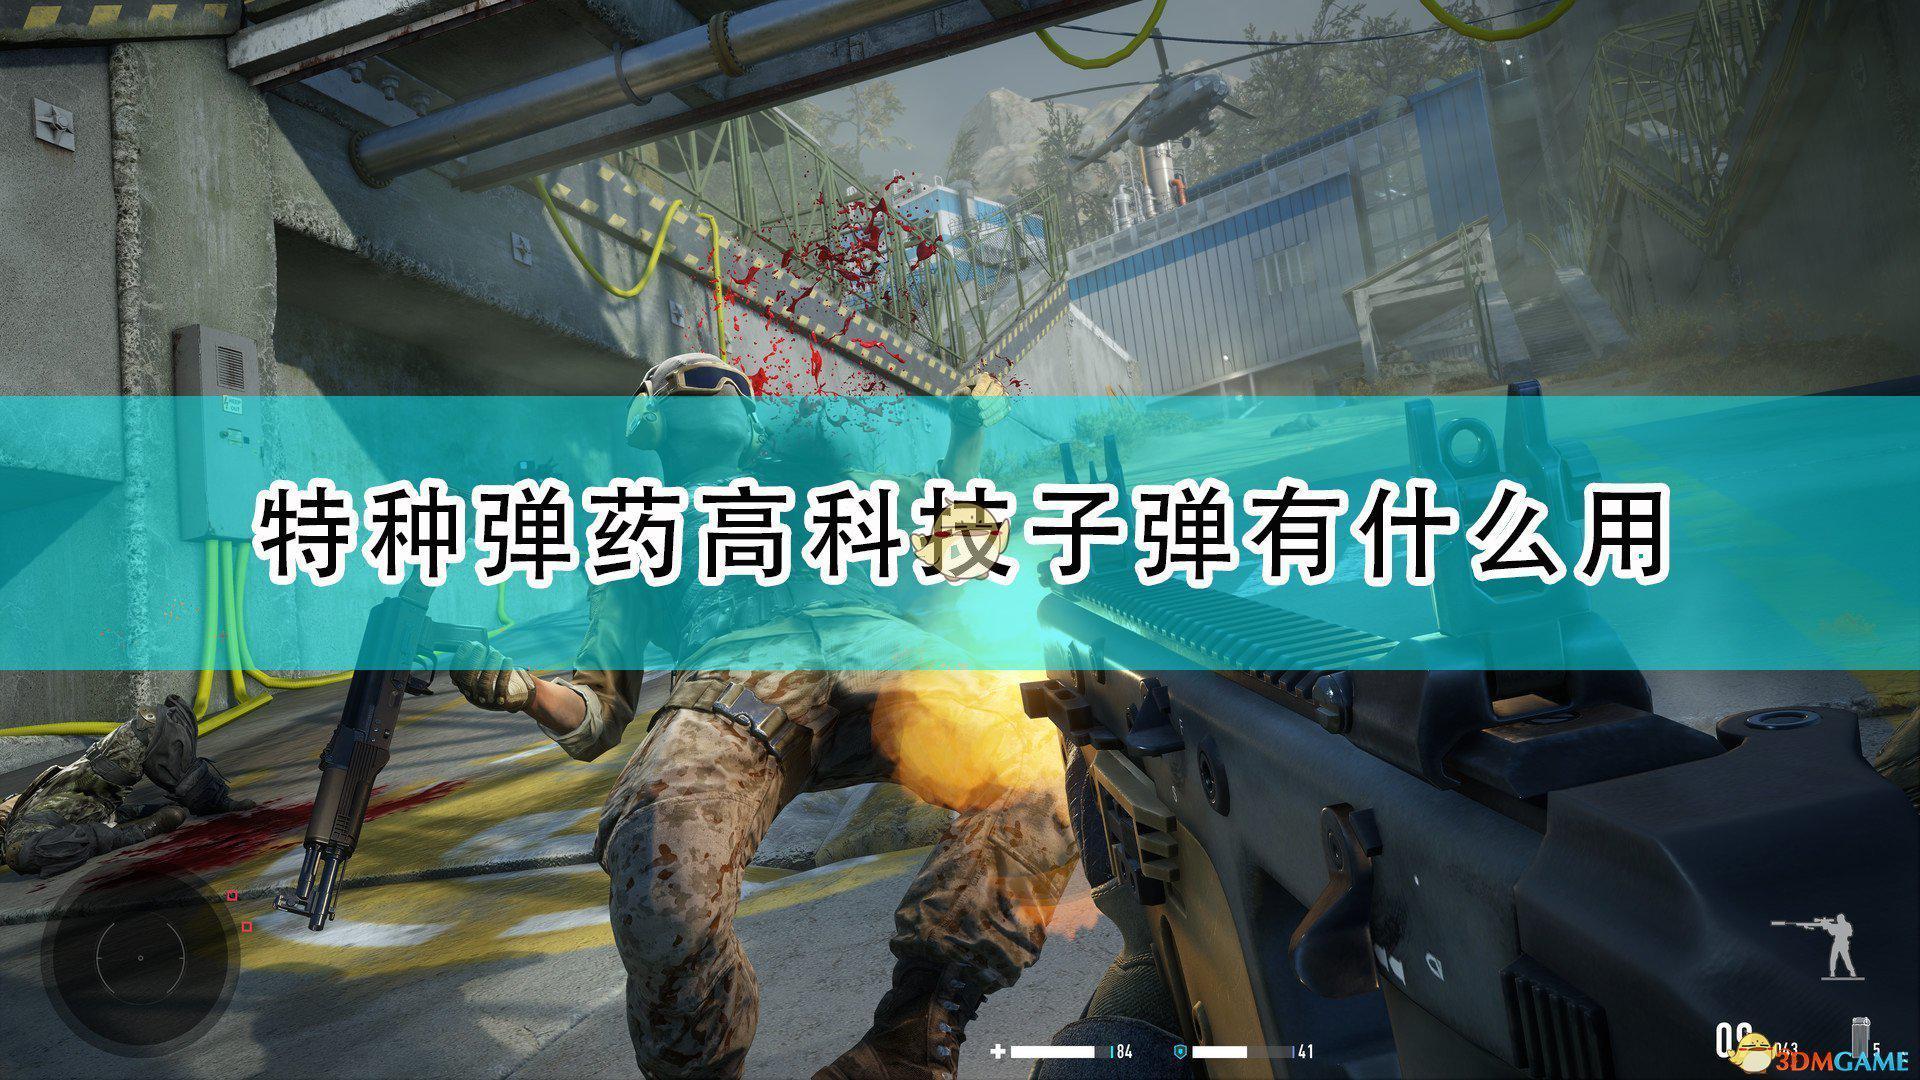 《狙擊手:幽靈戰士契約2》高科技子彈作用效果介紹